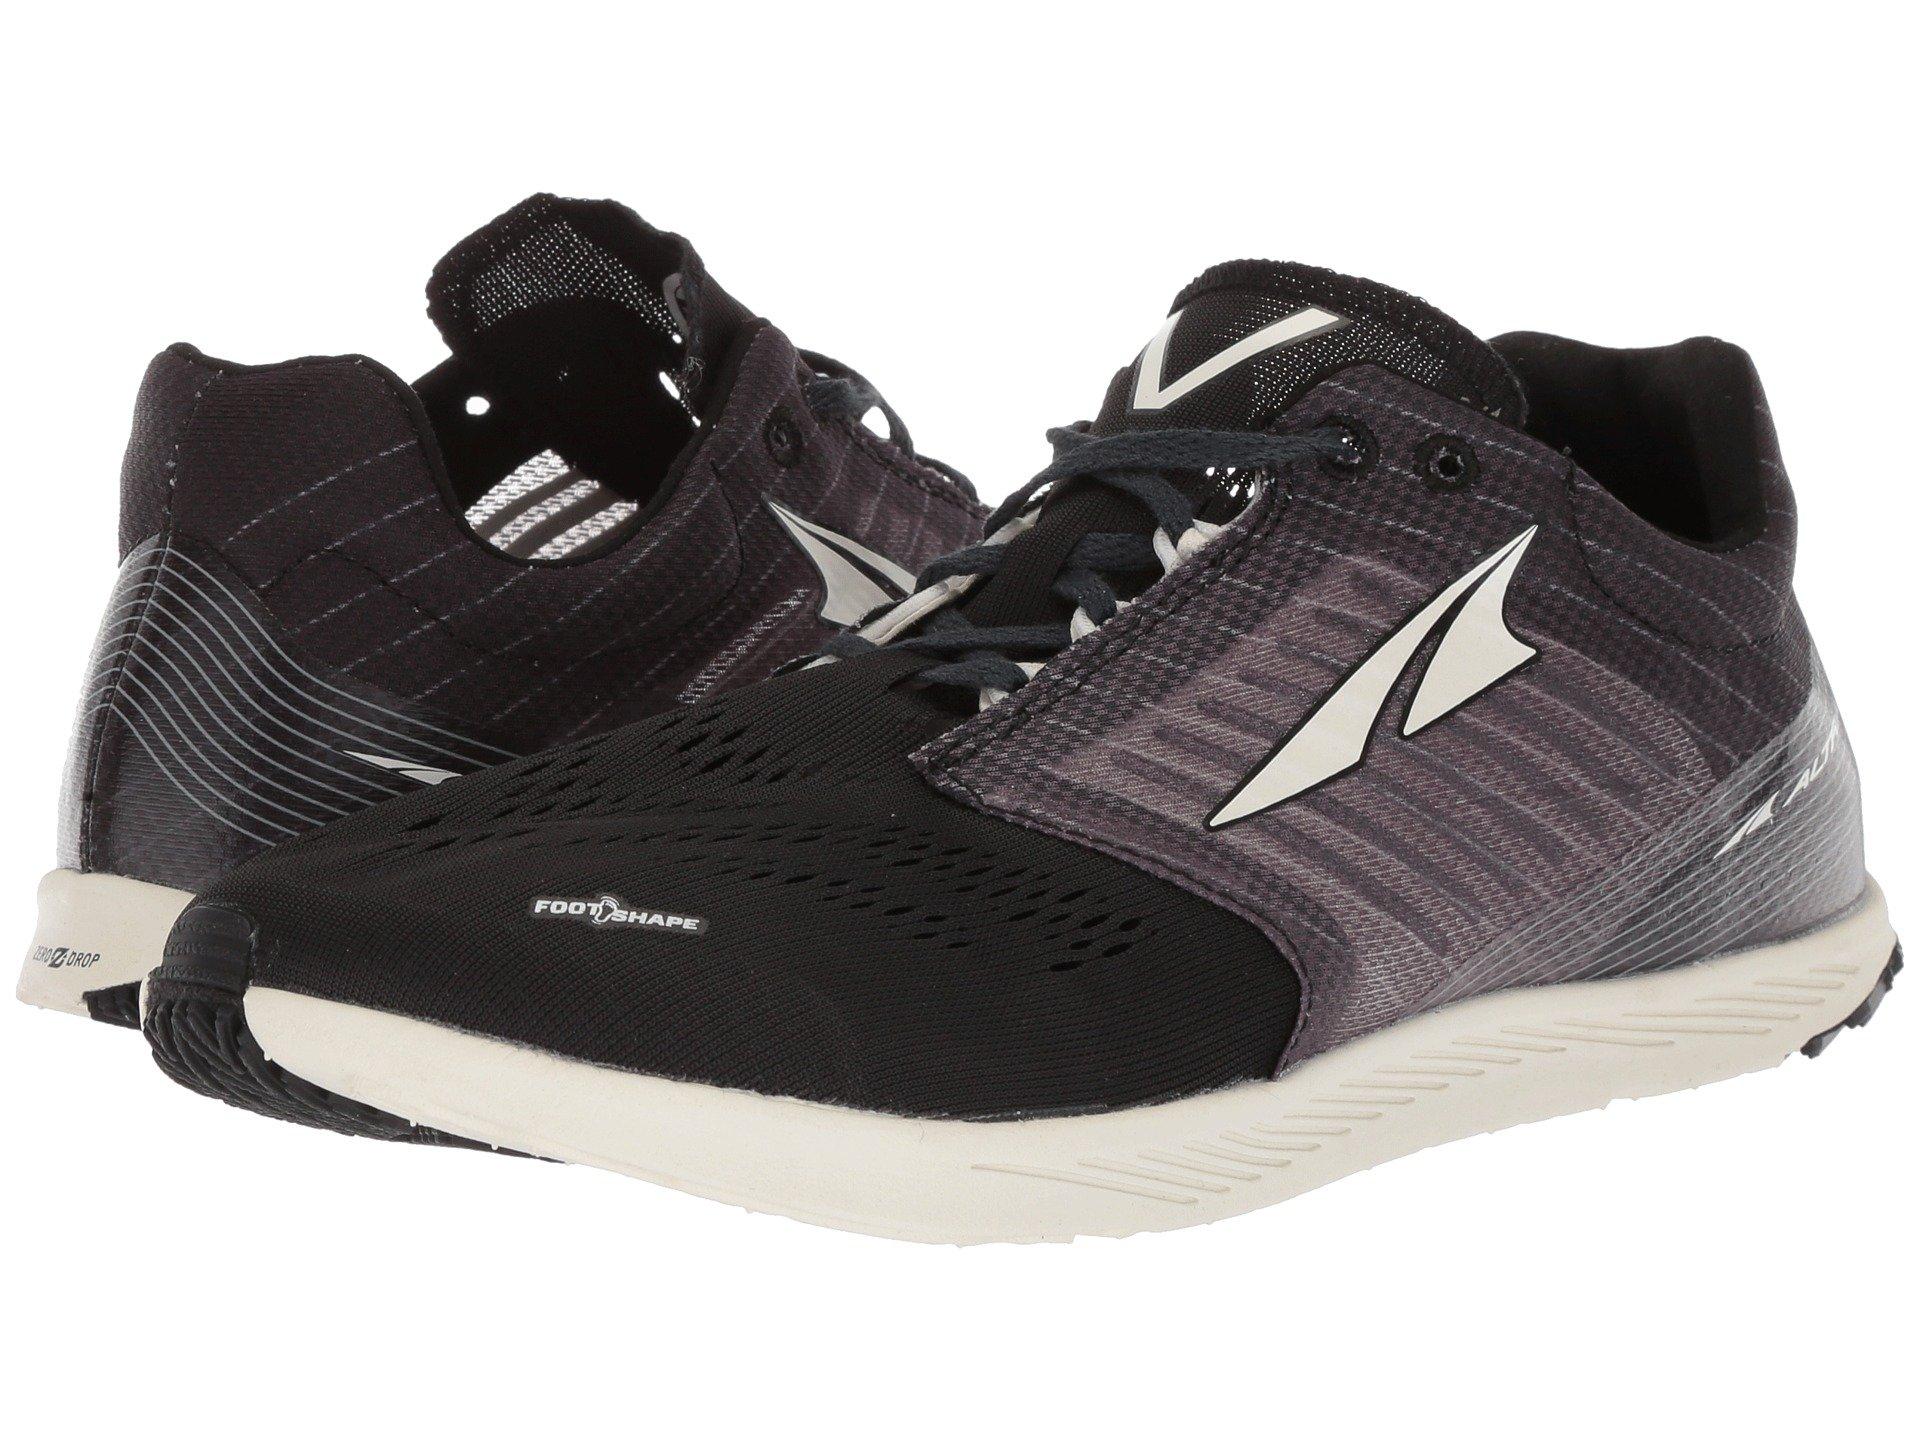 99721e6d3d60 Altra Men s Vanish-R Lace-Up Zero Drop Athletic Running Shoes Black ...